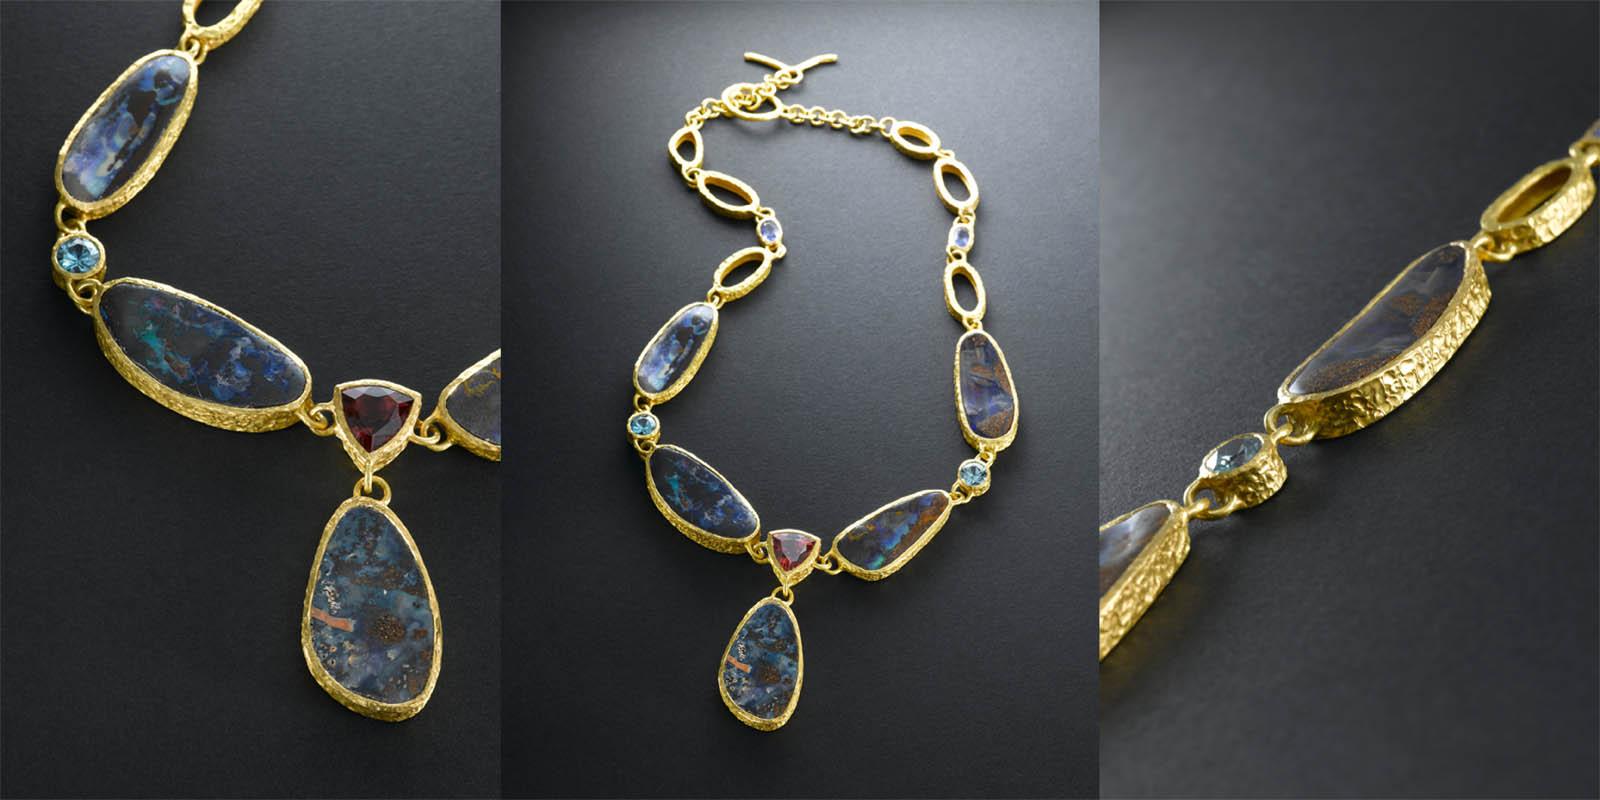 22 karat gold, boulder opals, brazilian tourmaline